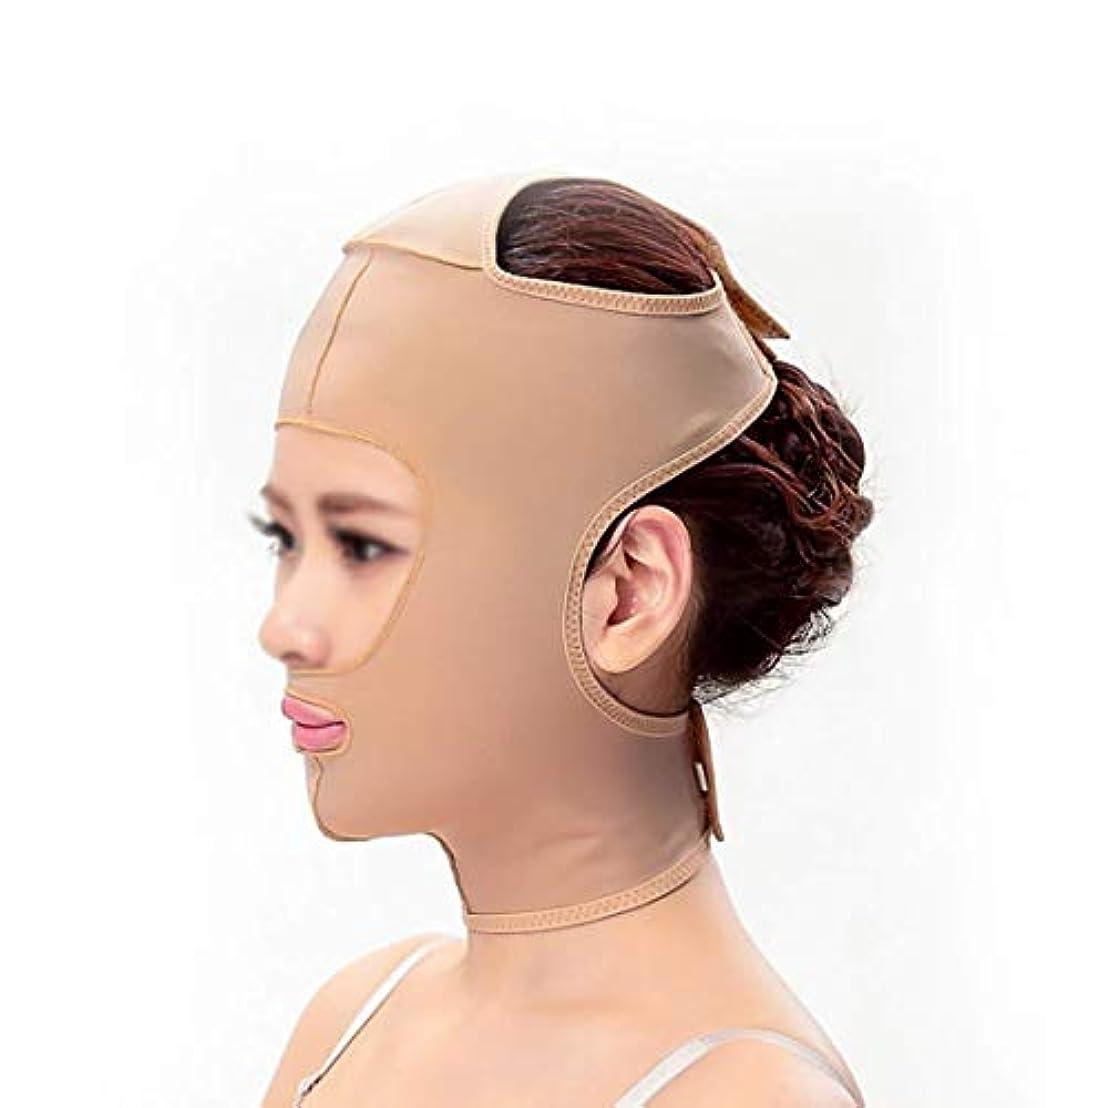 コンピューターゲームをプレイするサドル臨検スリミングベルト、フェイシャルマスクフェイスマスクフェイスプラスチック顔アーティファクト強力な顔の包帯を引き締めるダブルあごを持ち上げるパターンを布布する(サイズ:Xl)